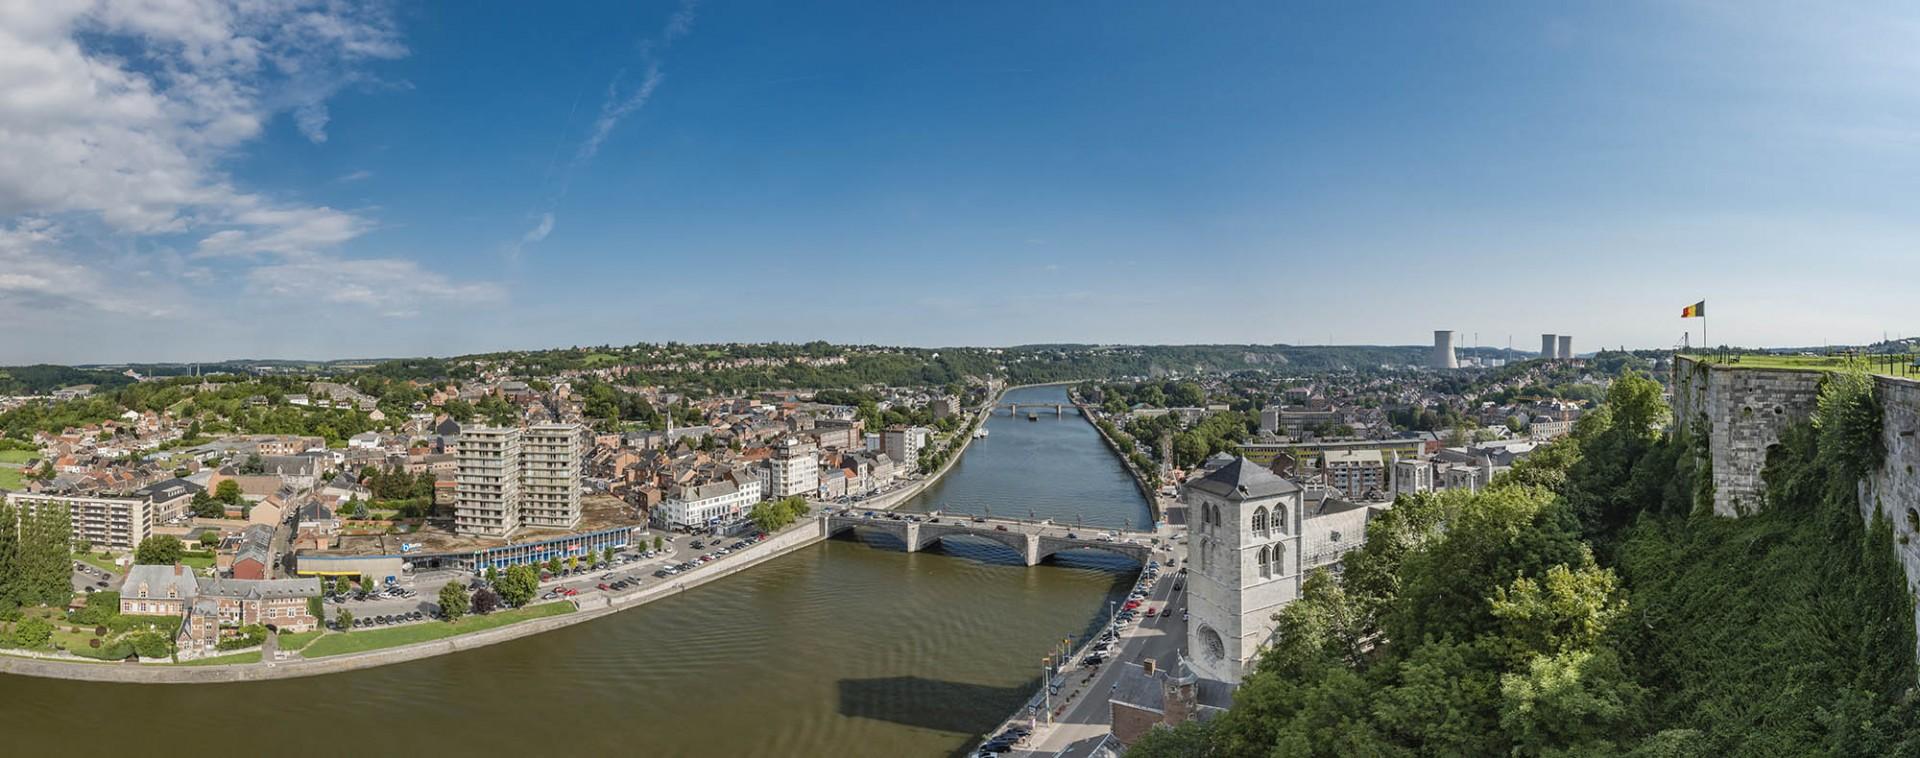 Terres-de-Meuse | © FTPL-Jean-Marc Léonard